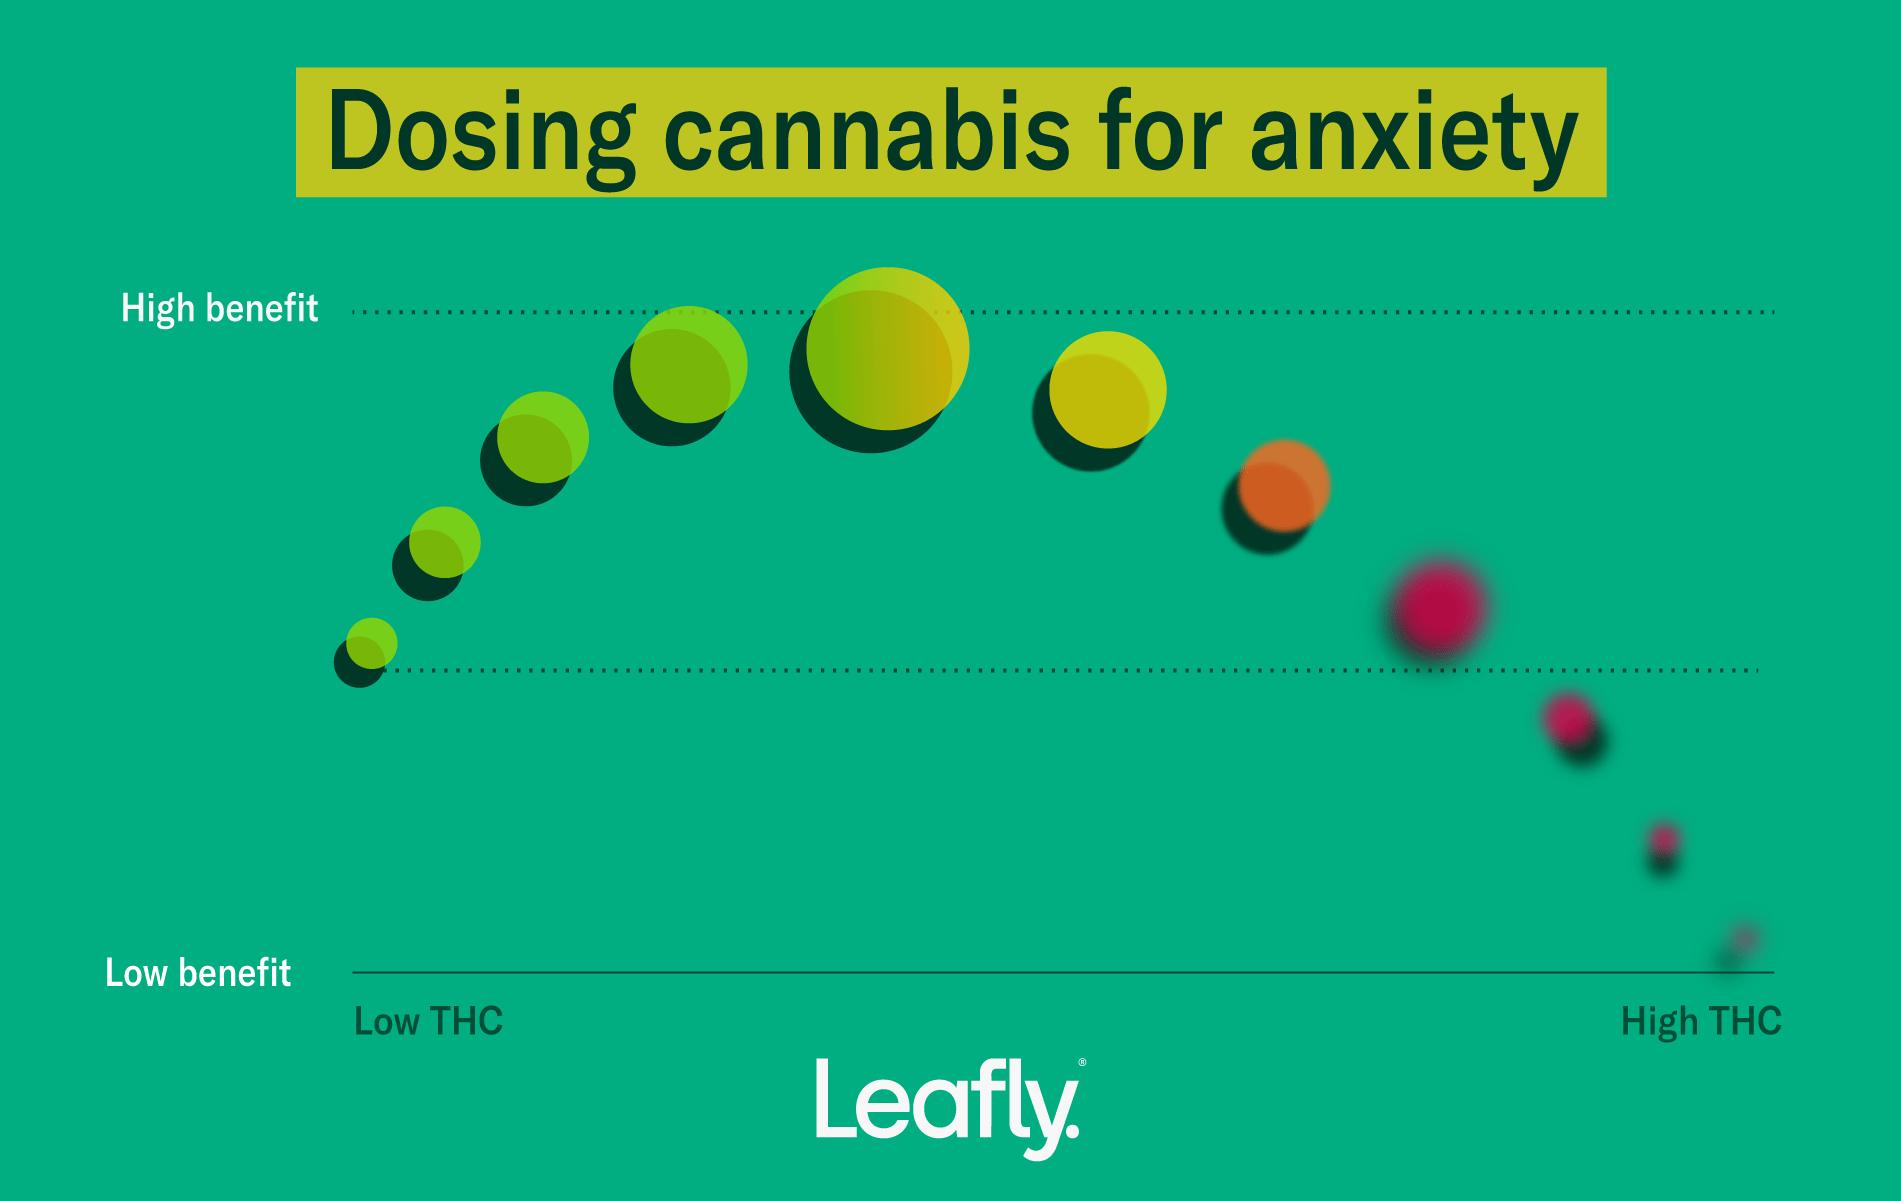 CannabisforAnxiety_v3